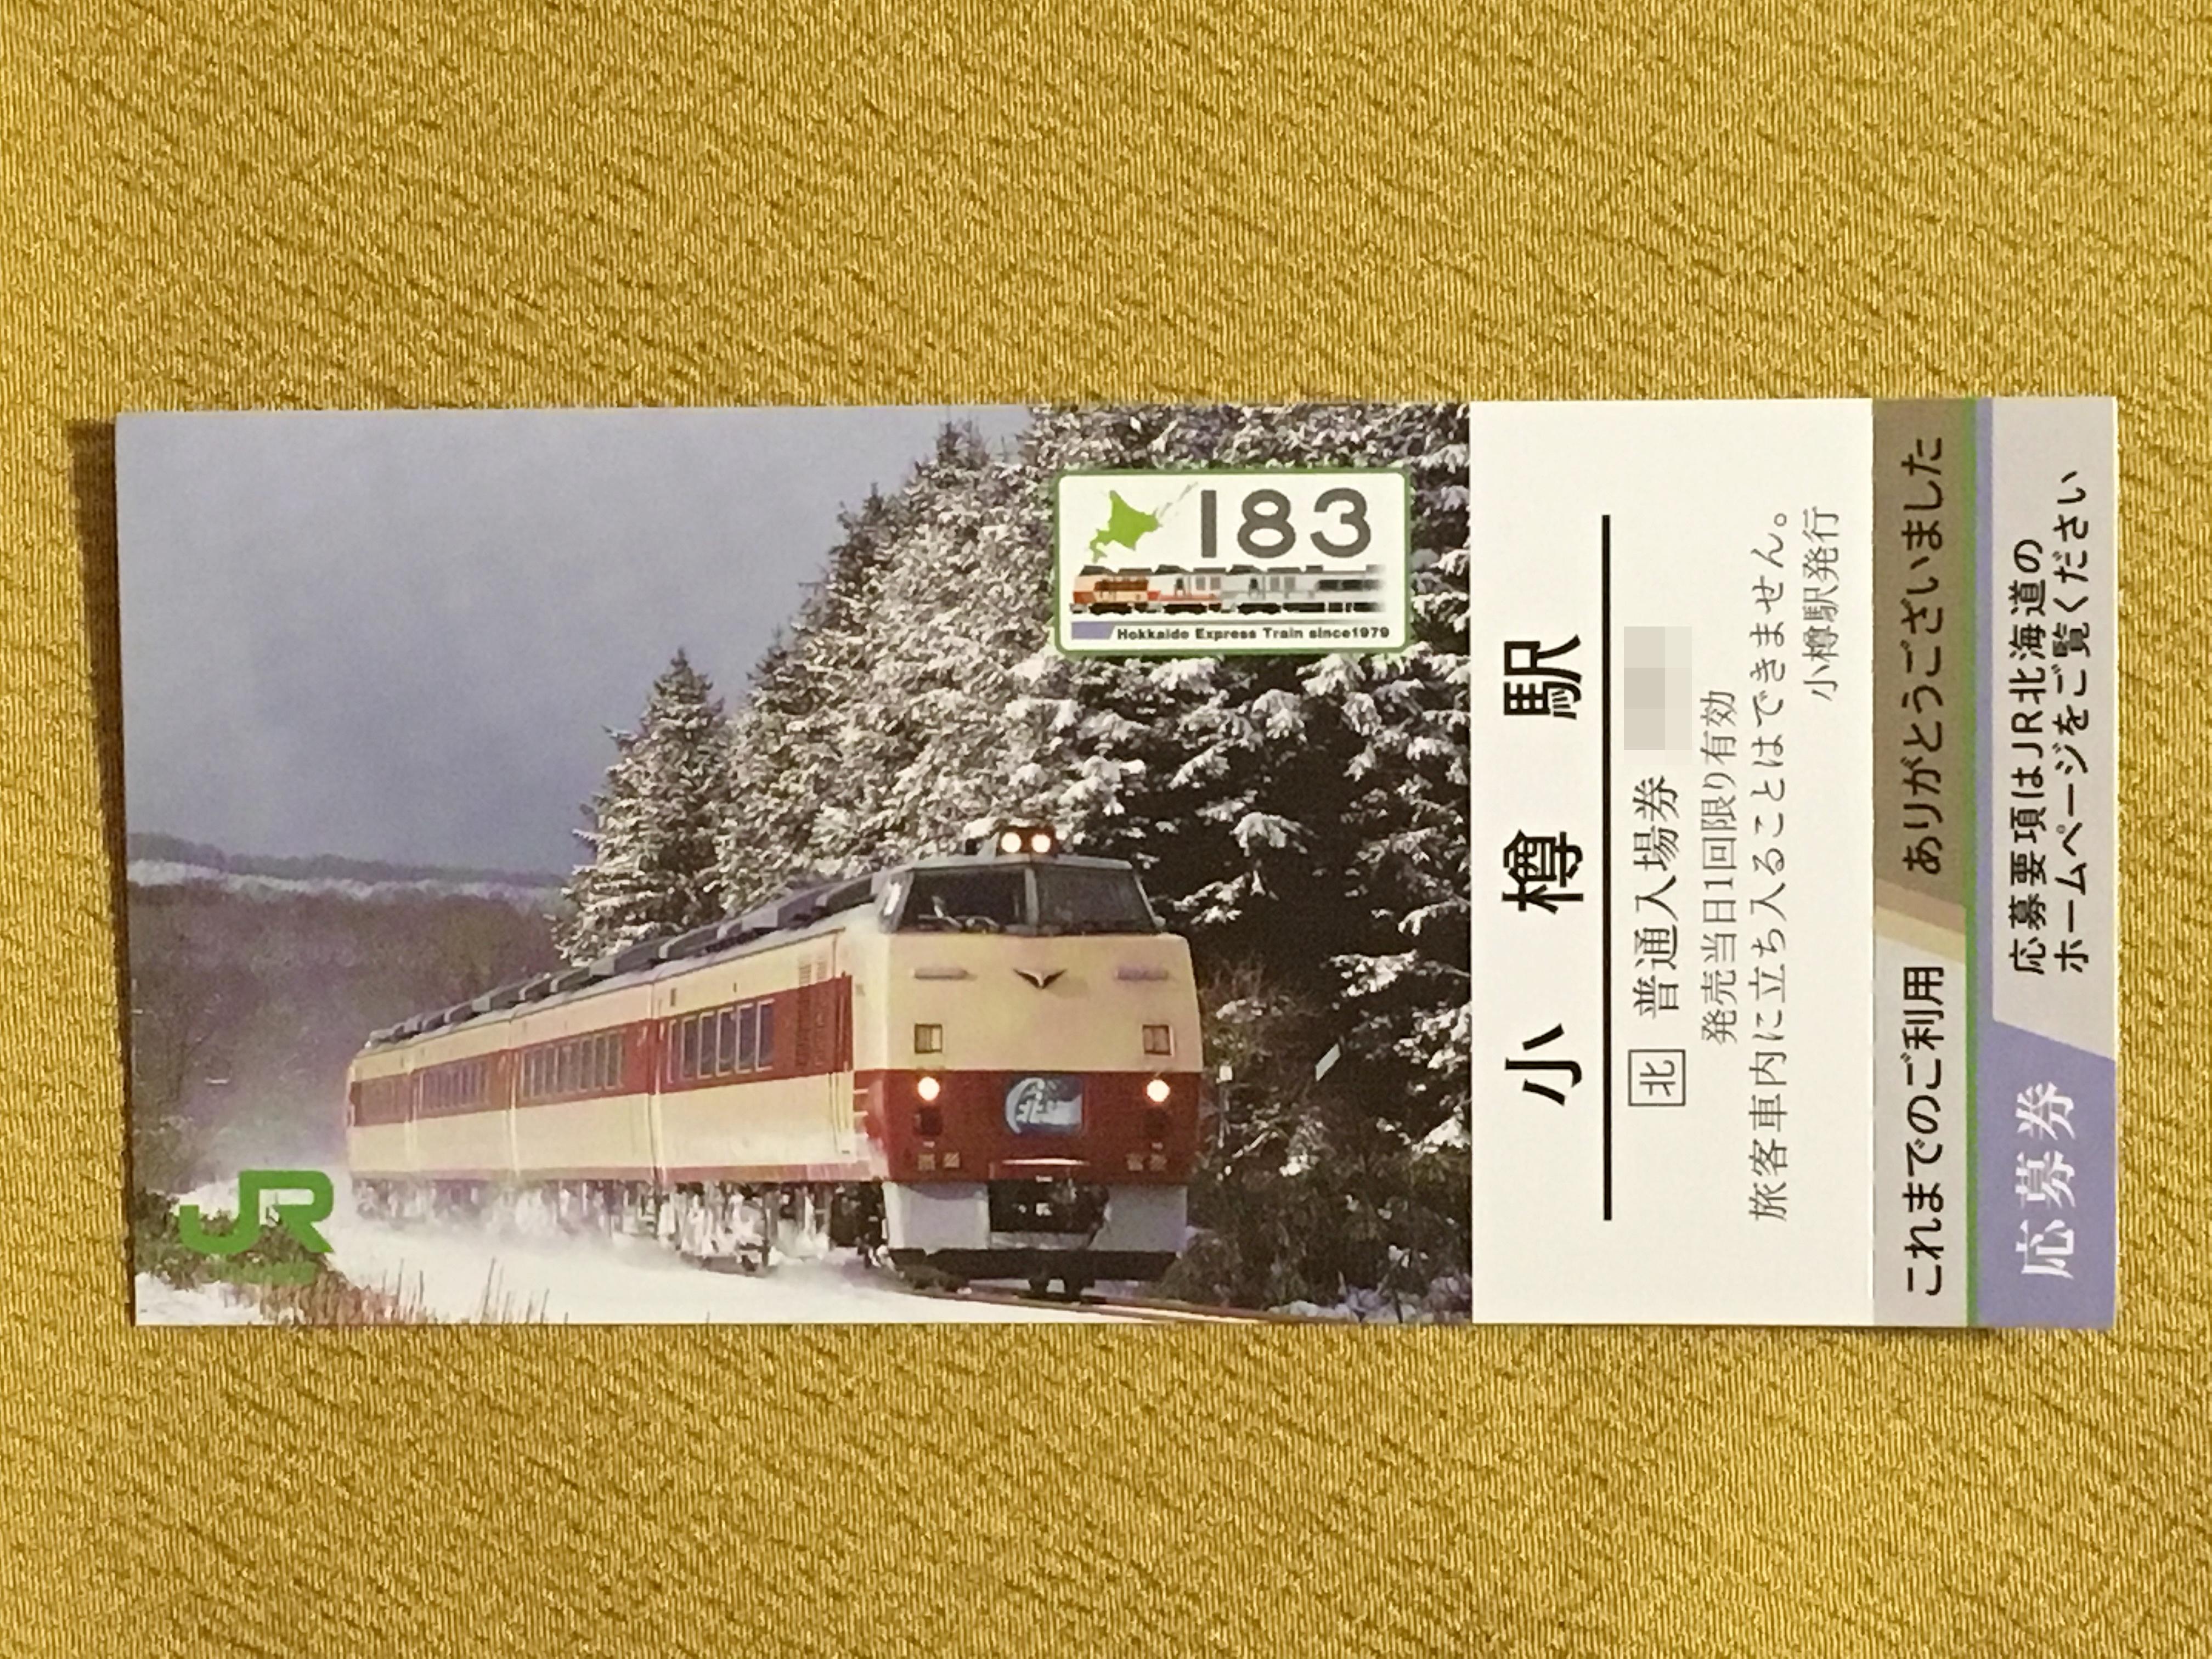 キハ183-0系記念入場券 小樽表.JPG